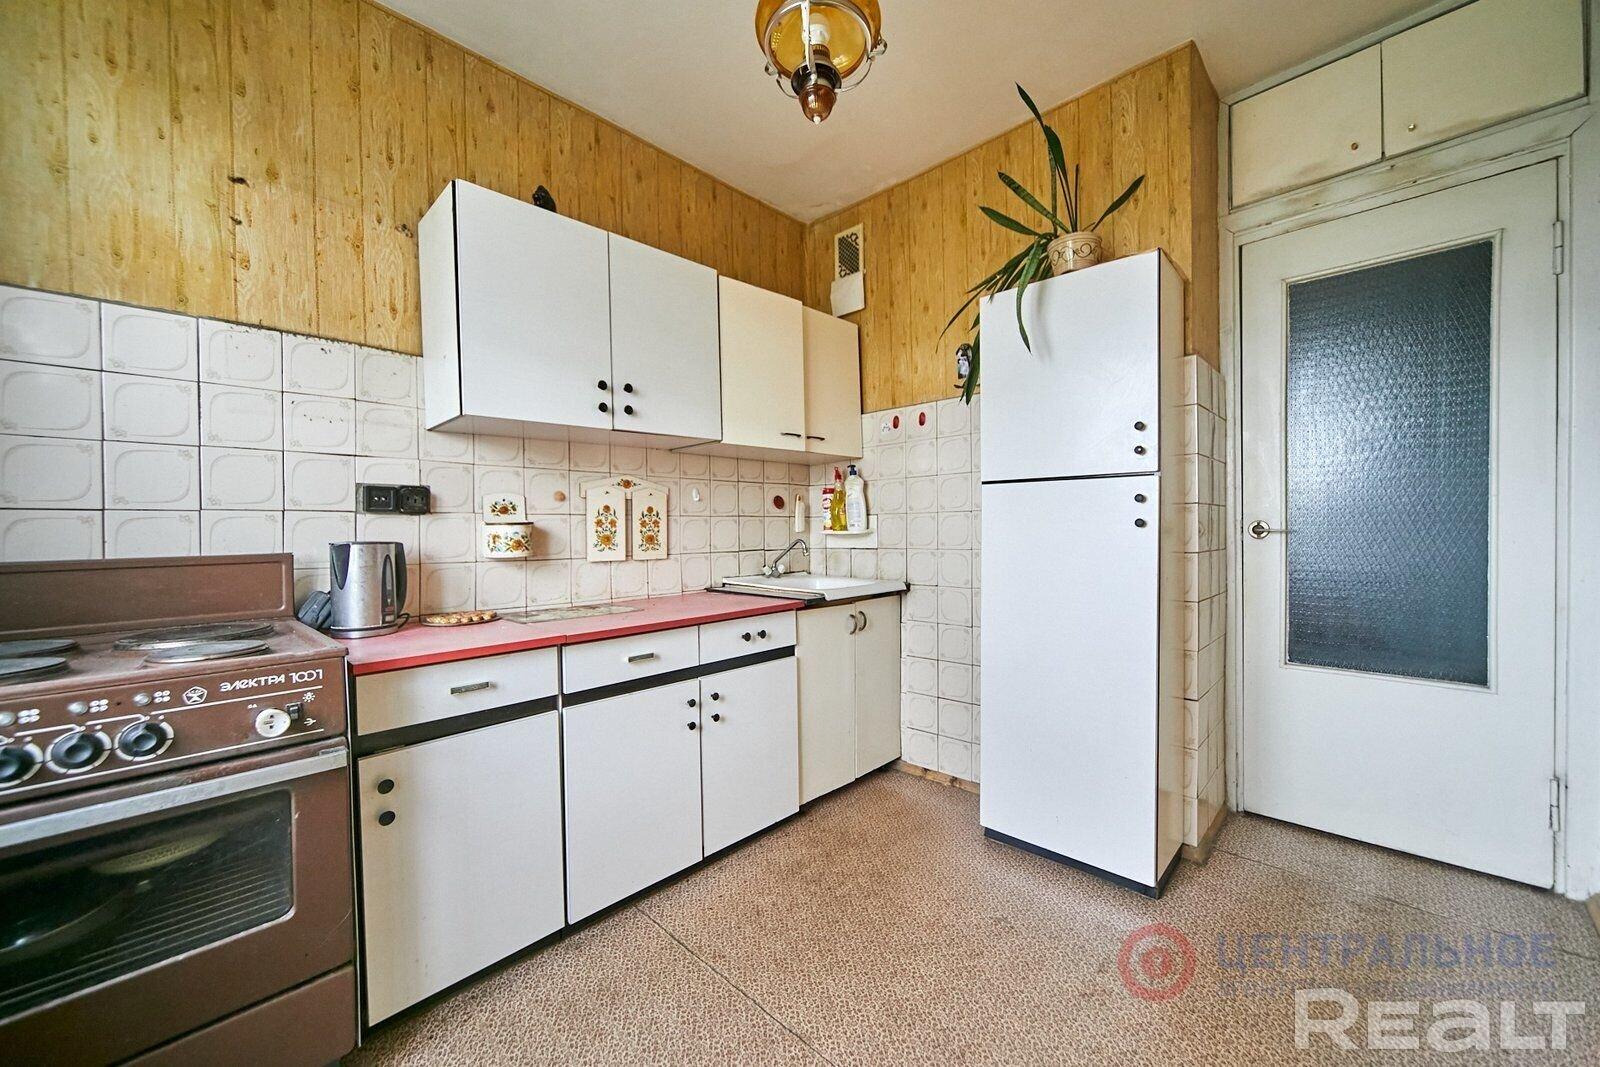 Продается 2-х комнатная квартира, ул. Менделеева д.30 - фото №7